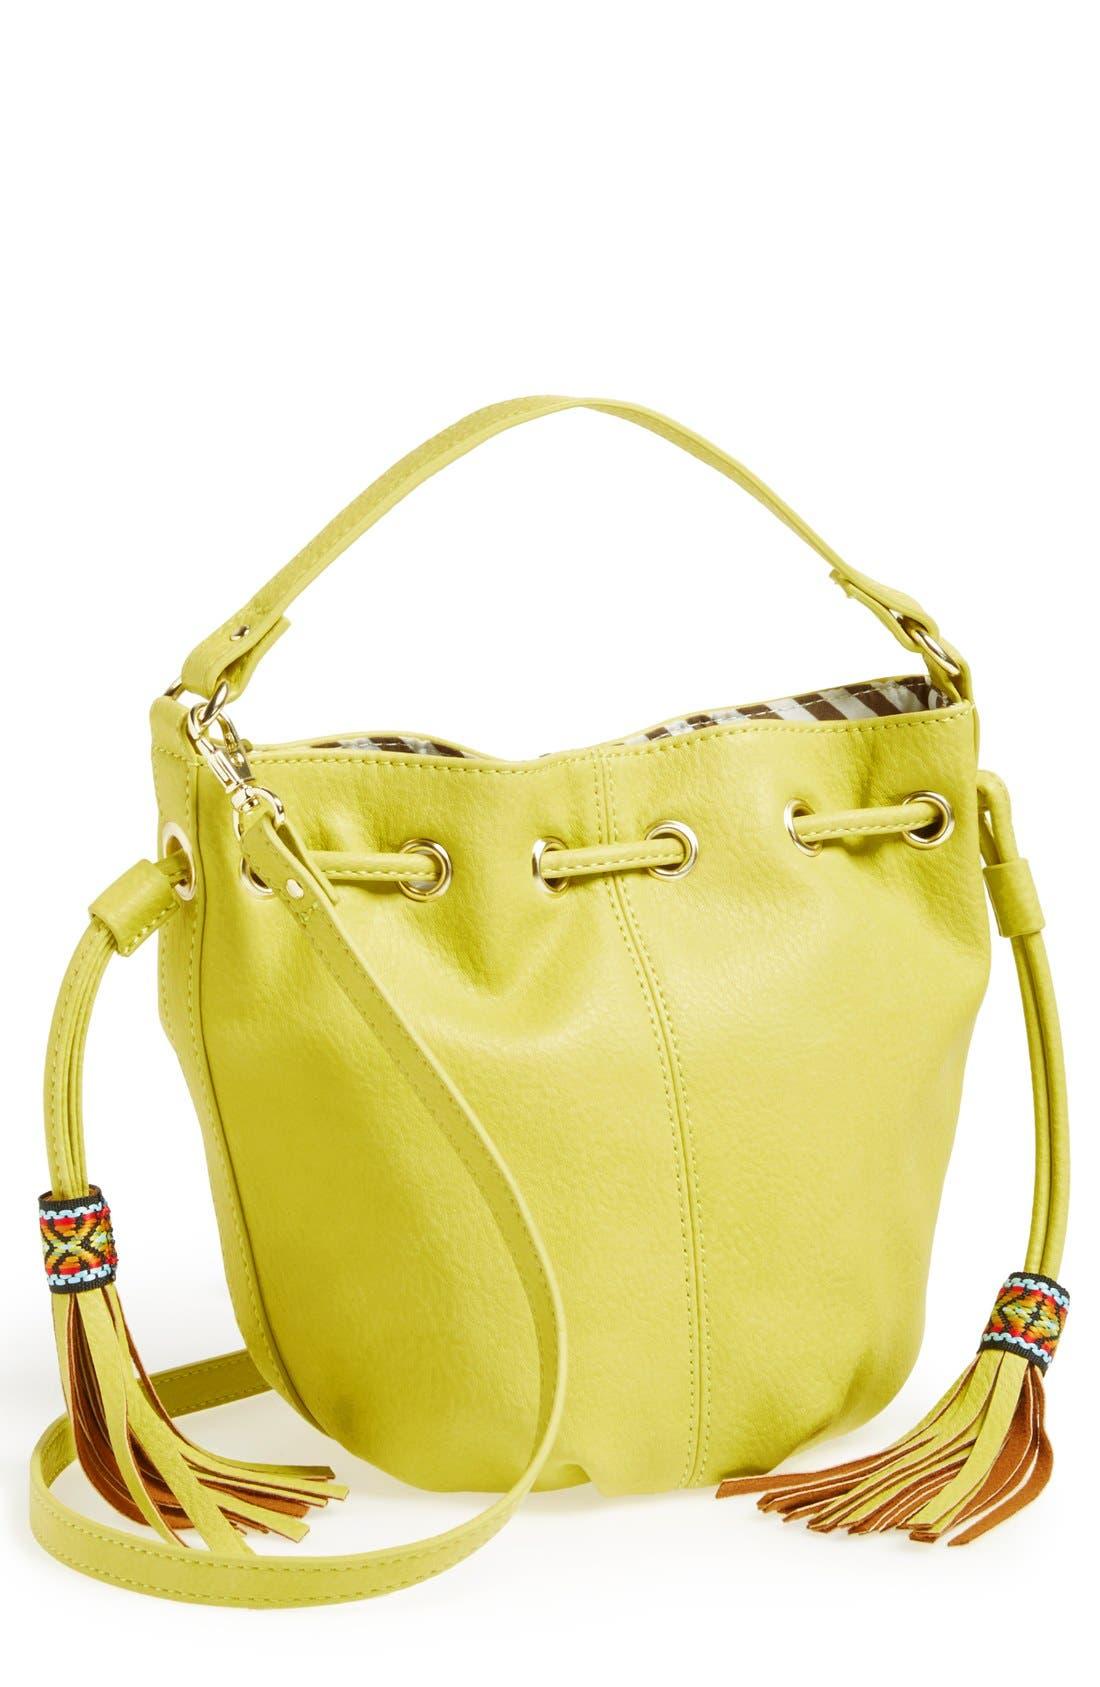 Main Image - Steve Madden Crossbody Bag